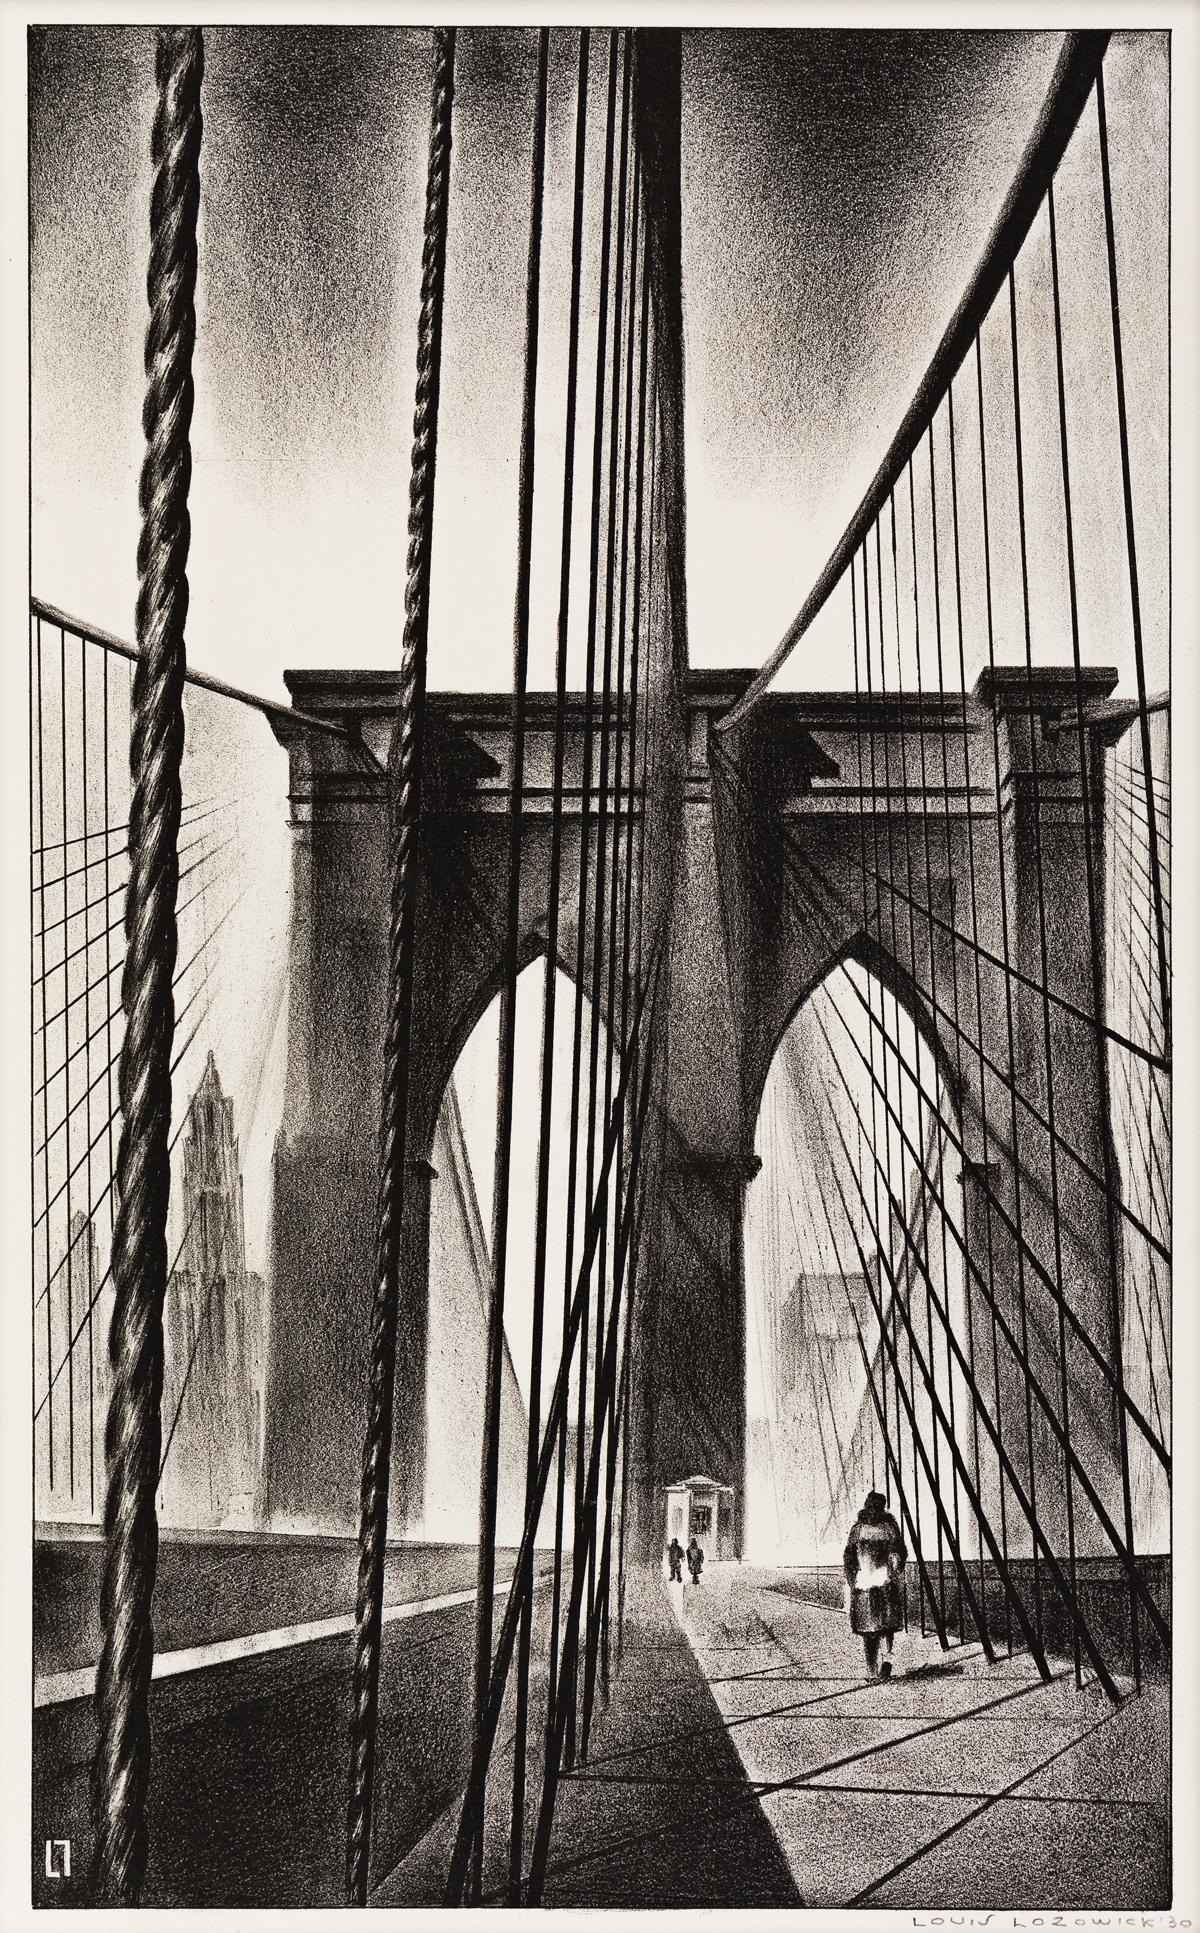 LOUIS LOZOWICK Brooklyn Bridge.